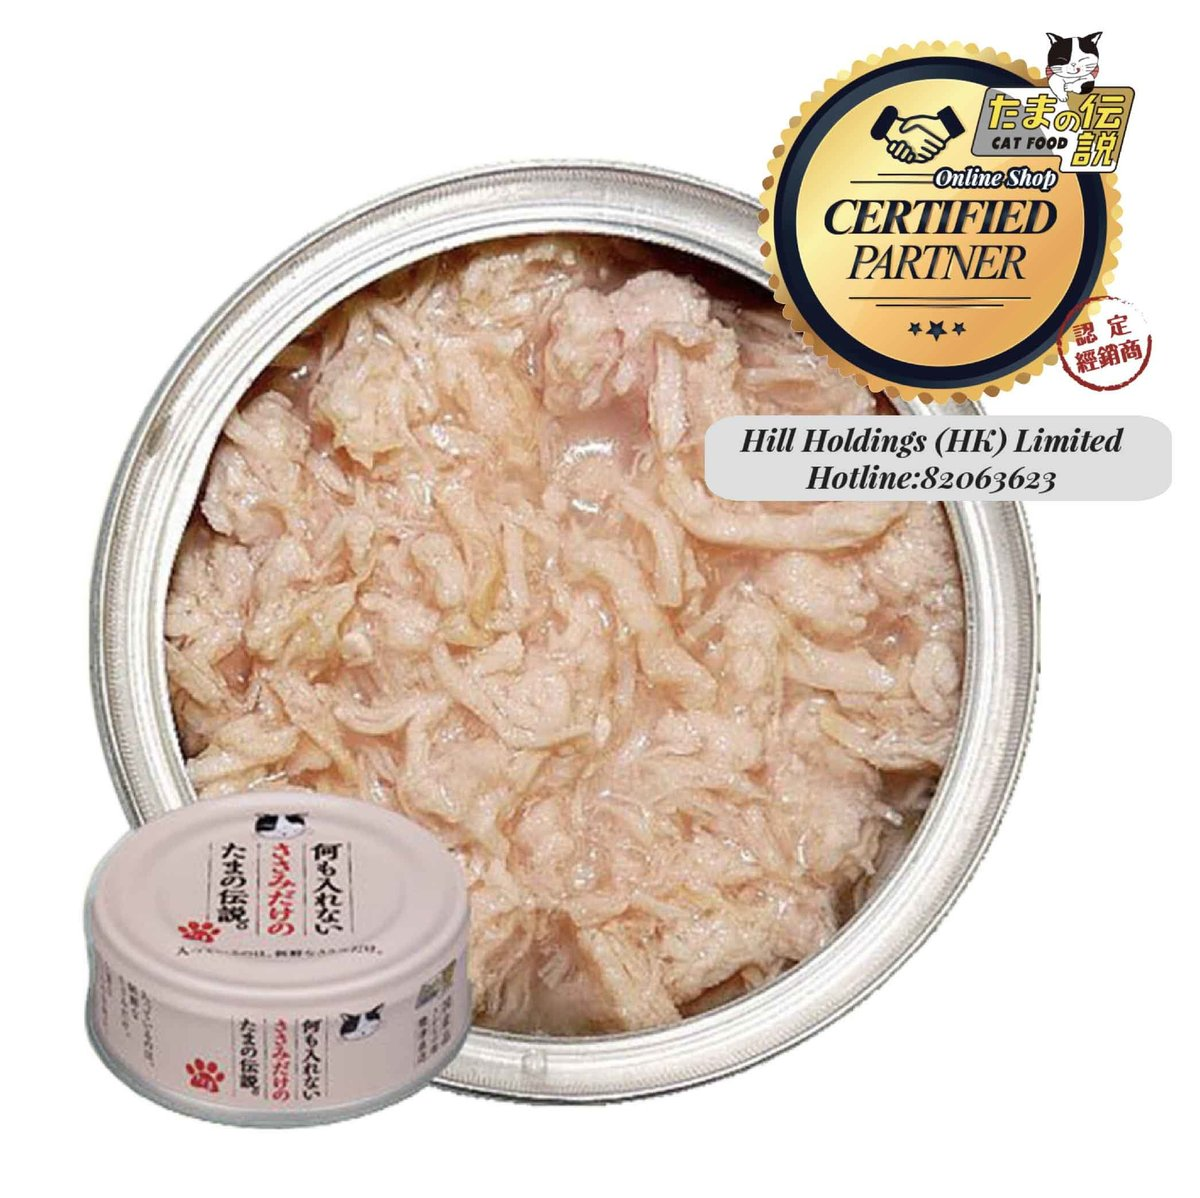 純雞胸肉 無添加貓罐 (SY-1155)